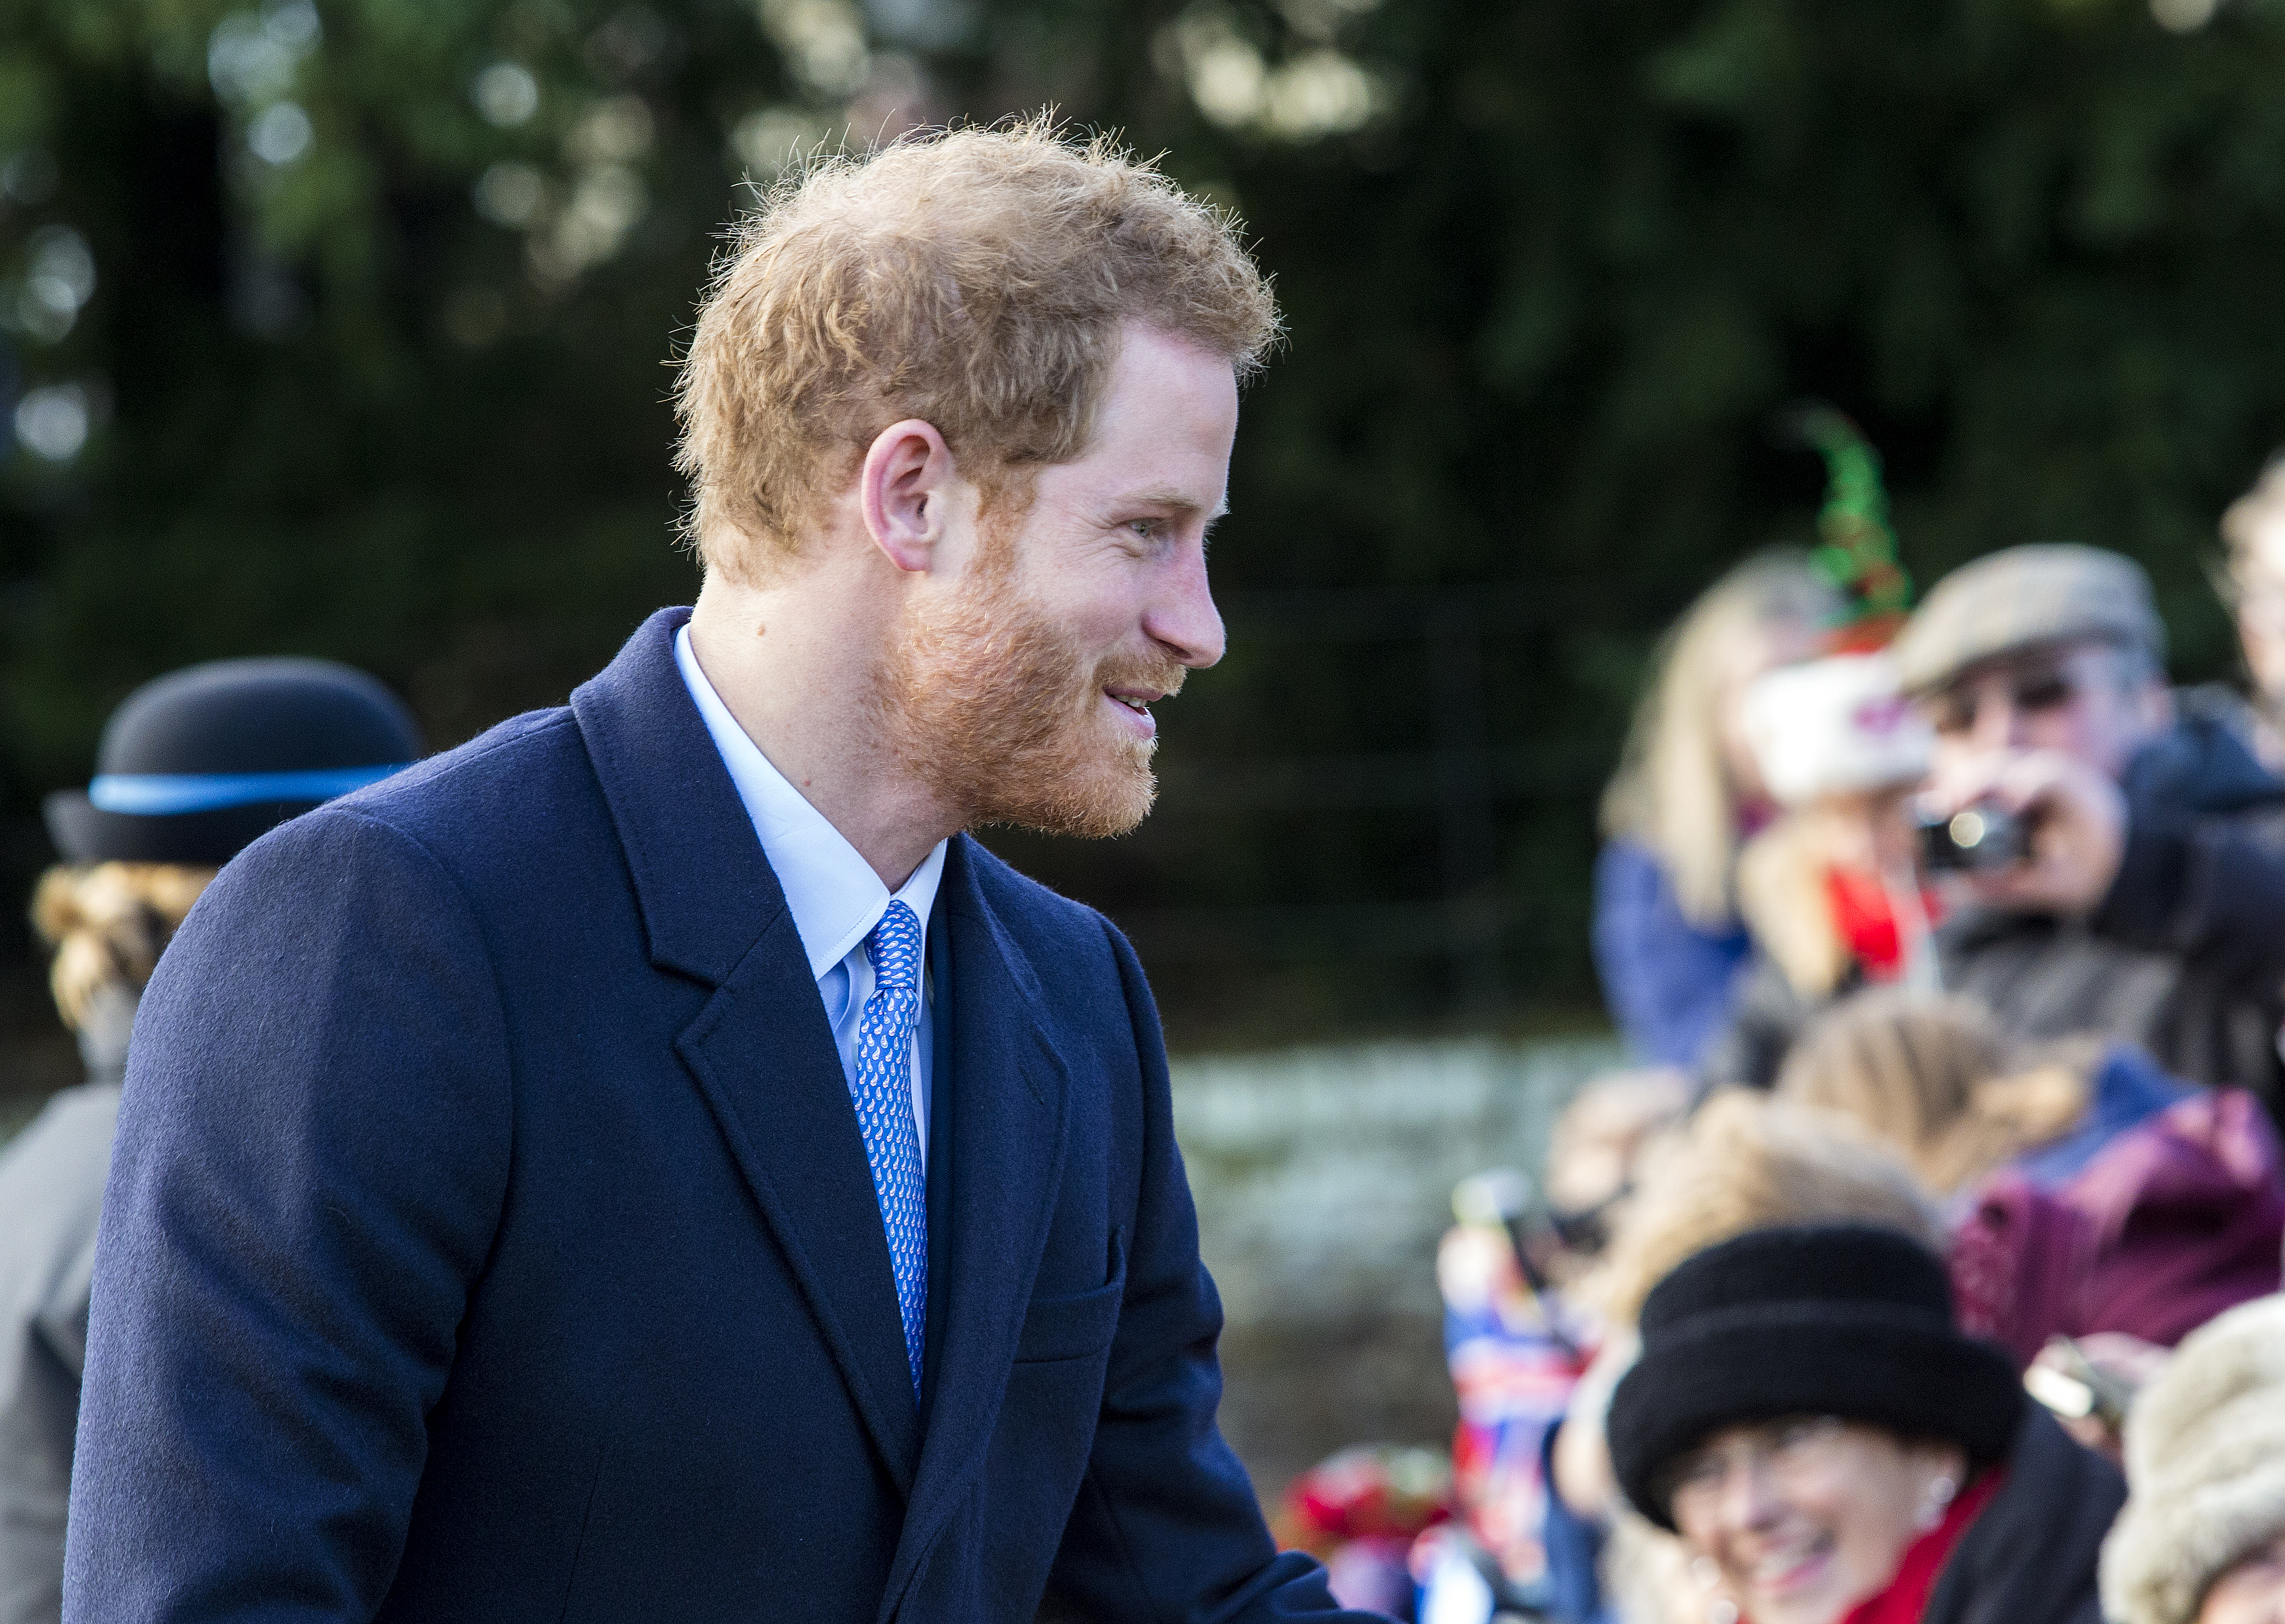 Tõeline härrasmees - prints Harry tervitas mitmeid tunde kuninglikku üritust oma silmaga nägema kogunenud rahvast ja soovis neile häid pühi